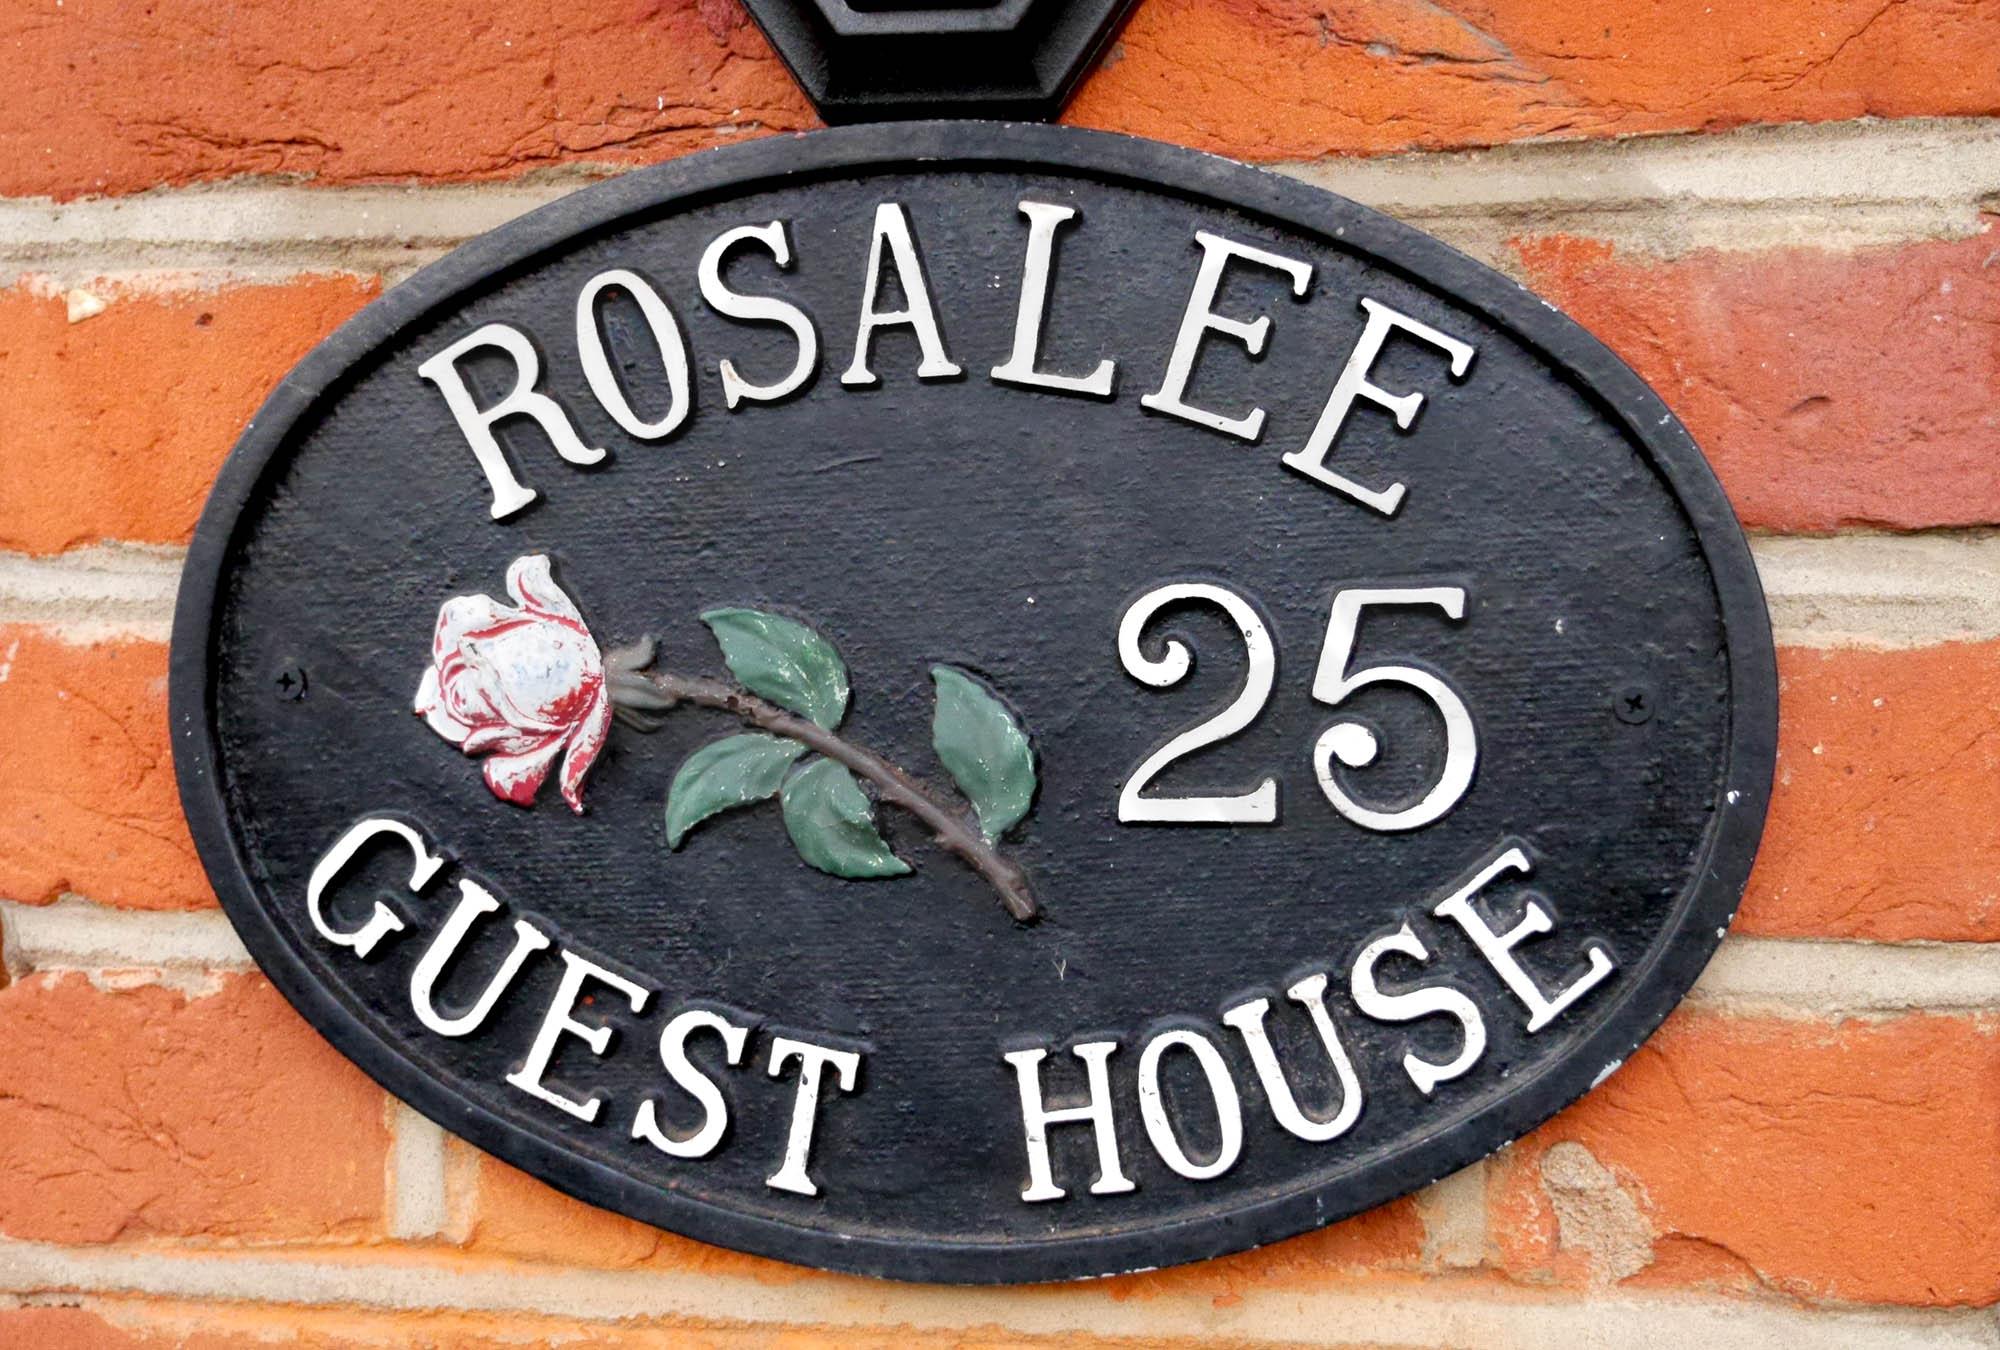 Rosalee - Front - Sign - 01.jpg